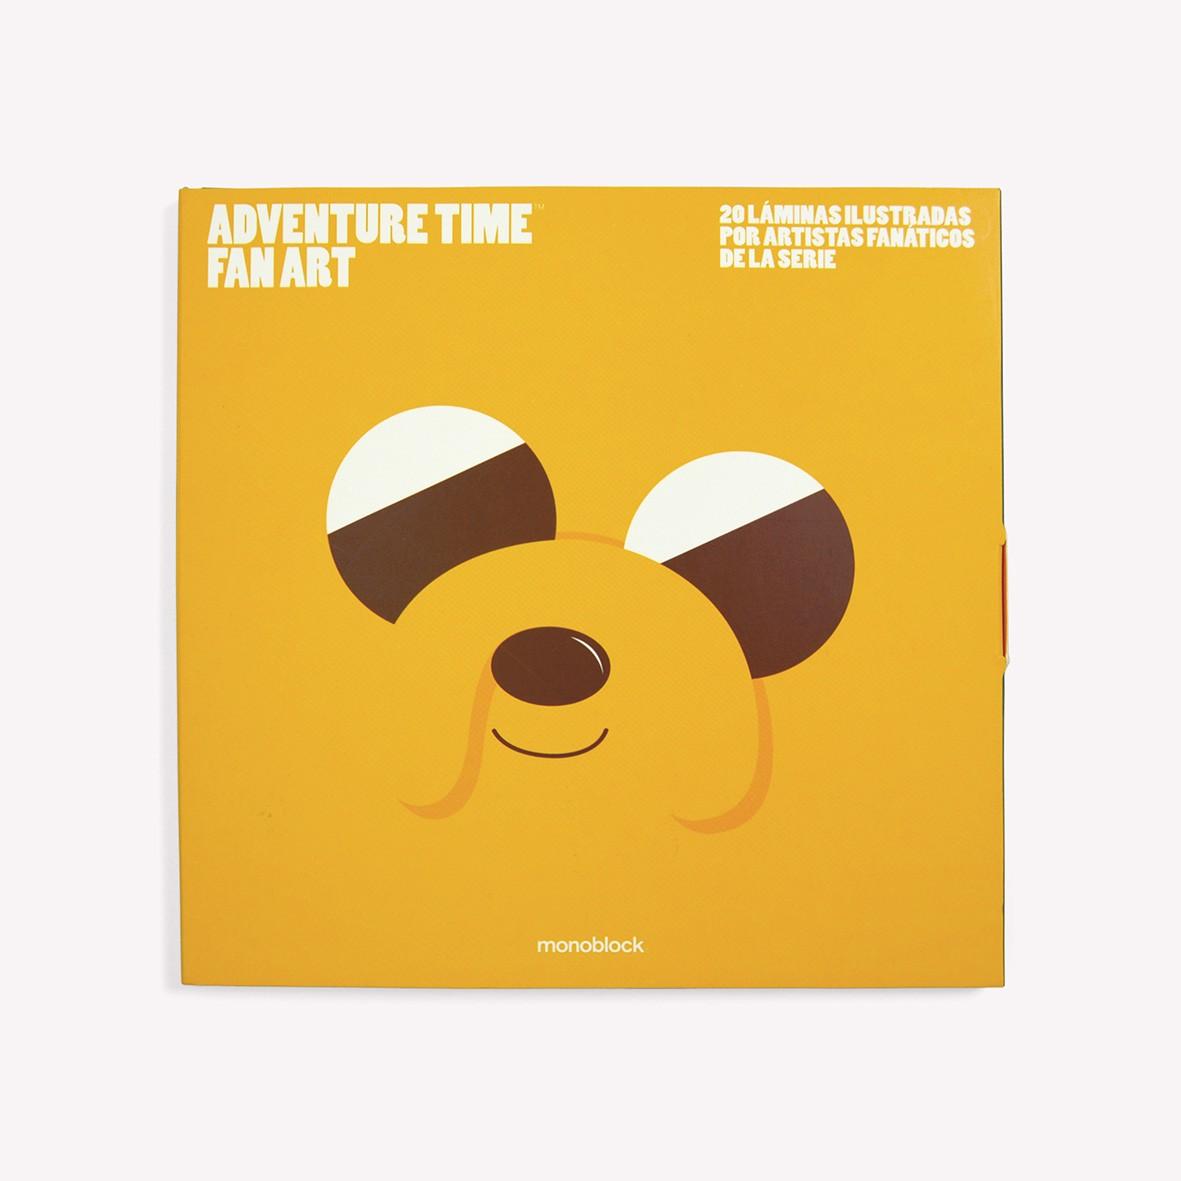 Adventure Time Fan Art Book - Monoblock